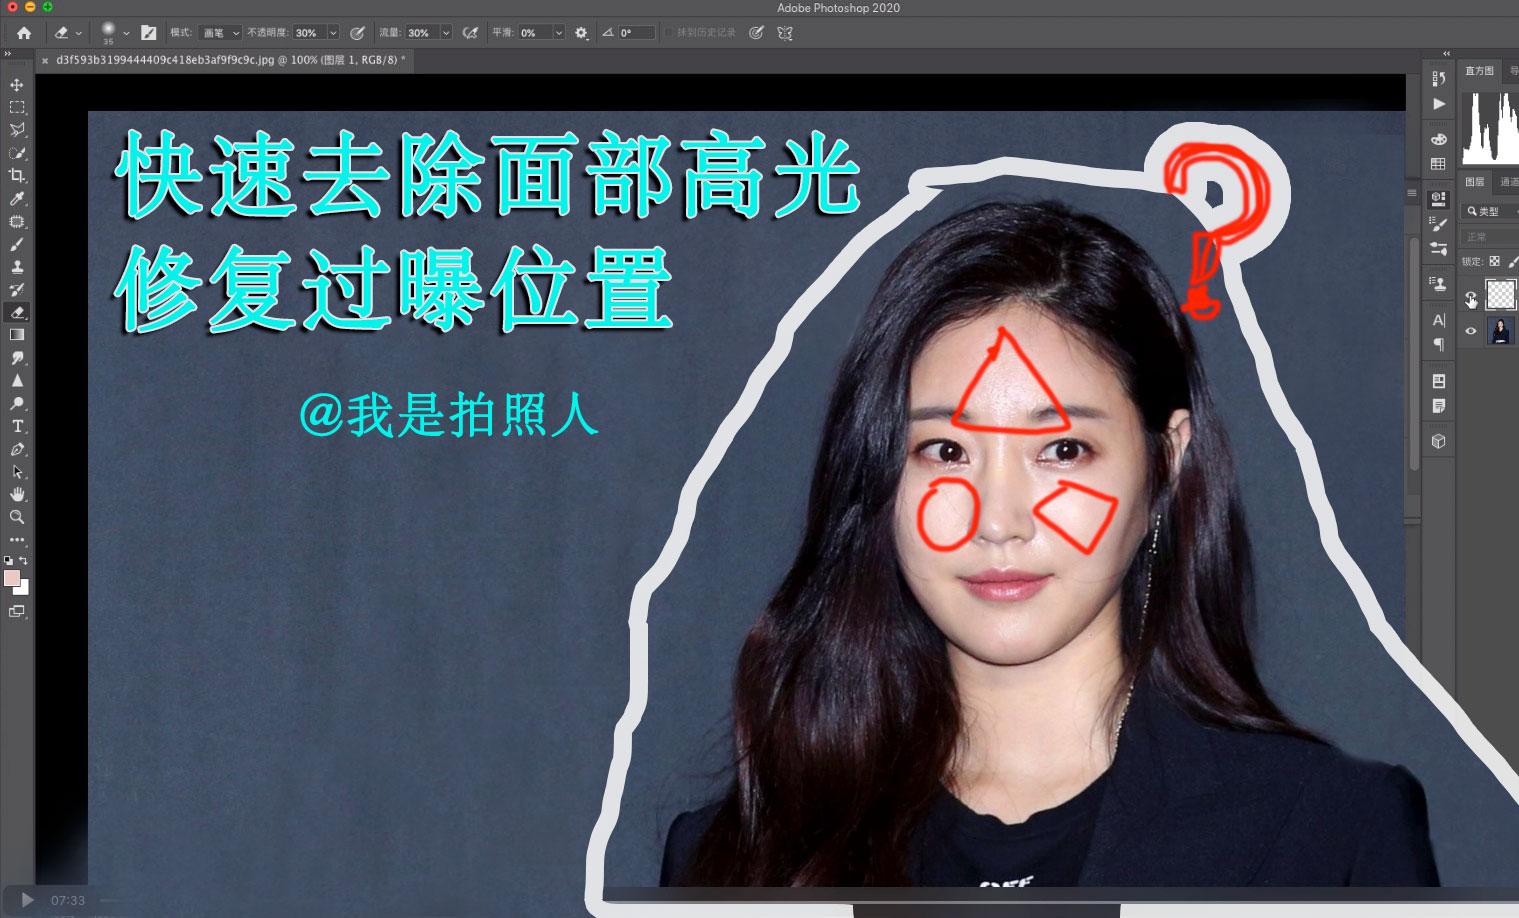 人像修图技巧 快速调整面部高光 修复过曝部位 修图技巧 第1张